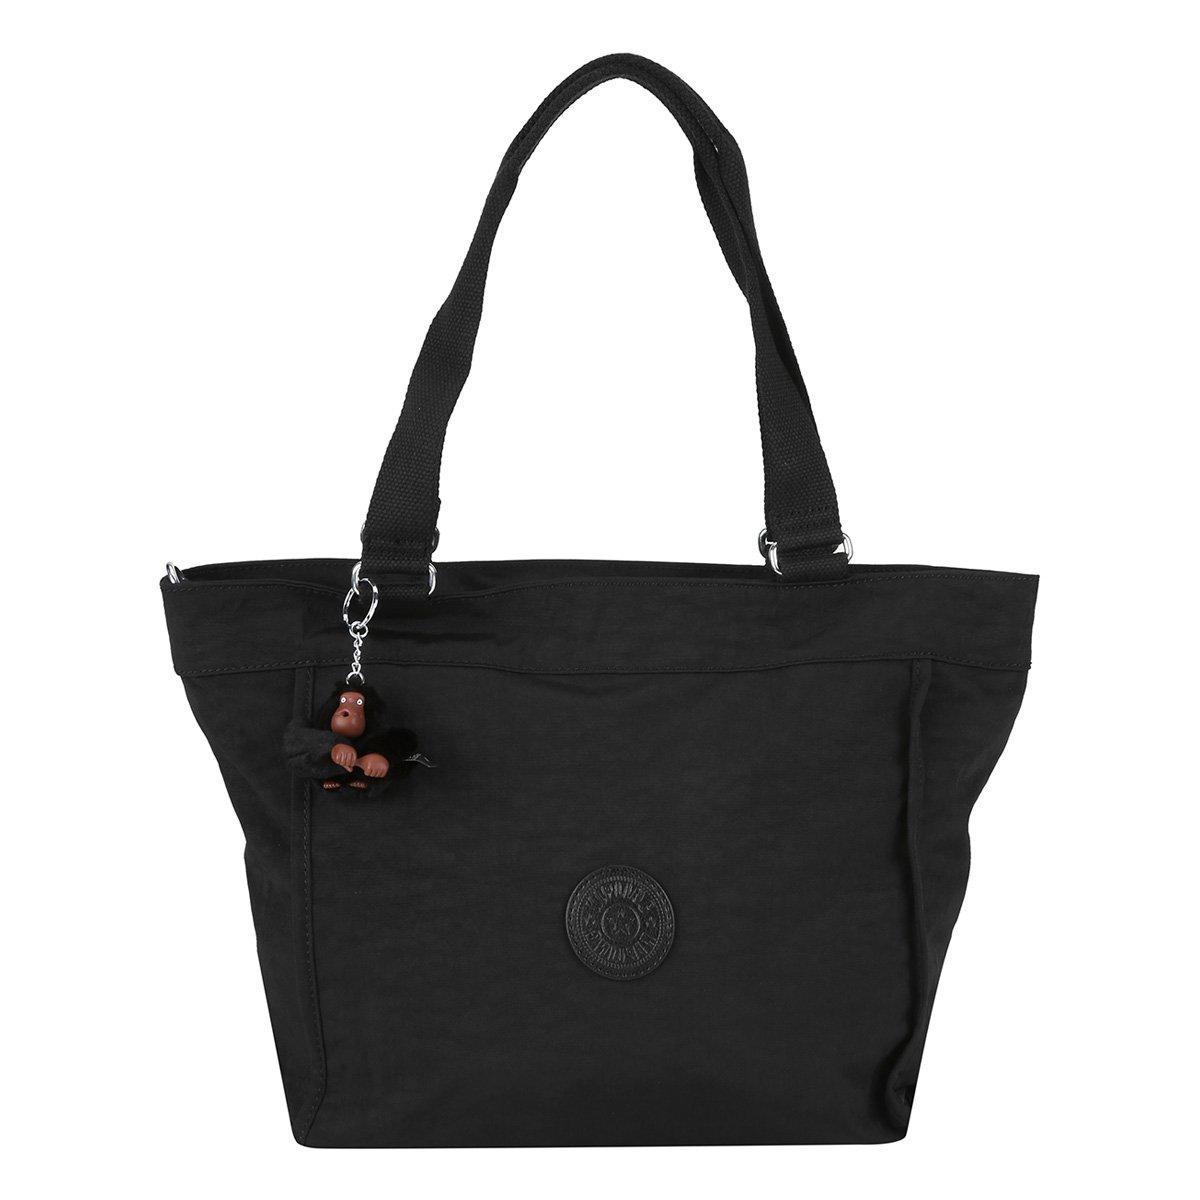 8e51daf30 Bolsa Kipling Shopper New Feminina | Netshoes